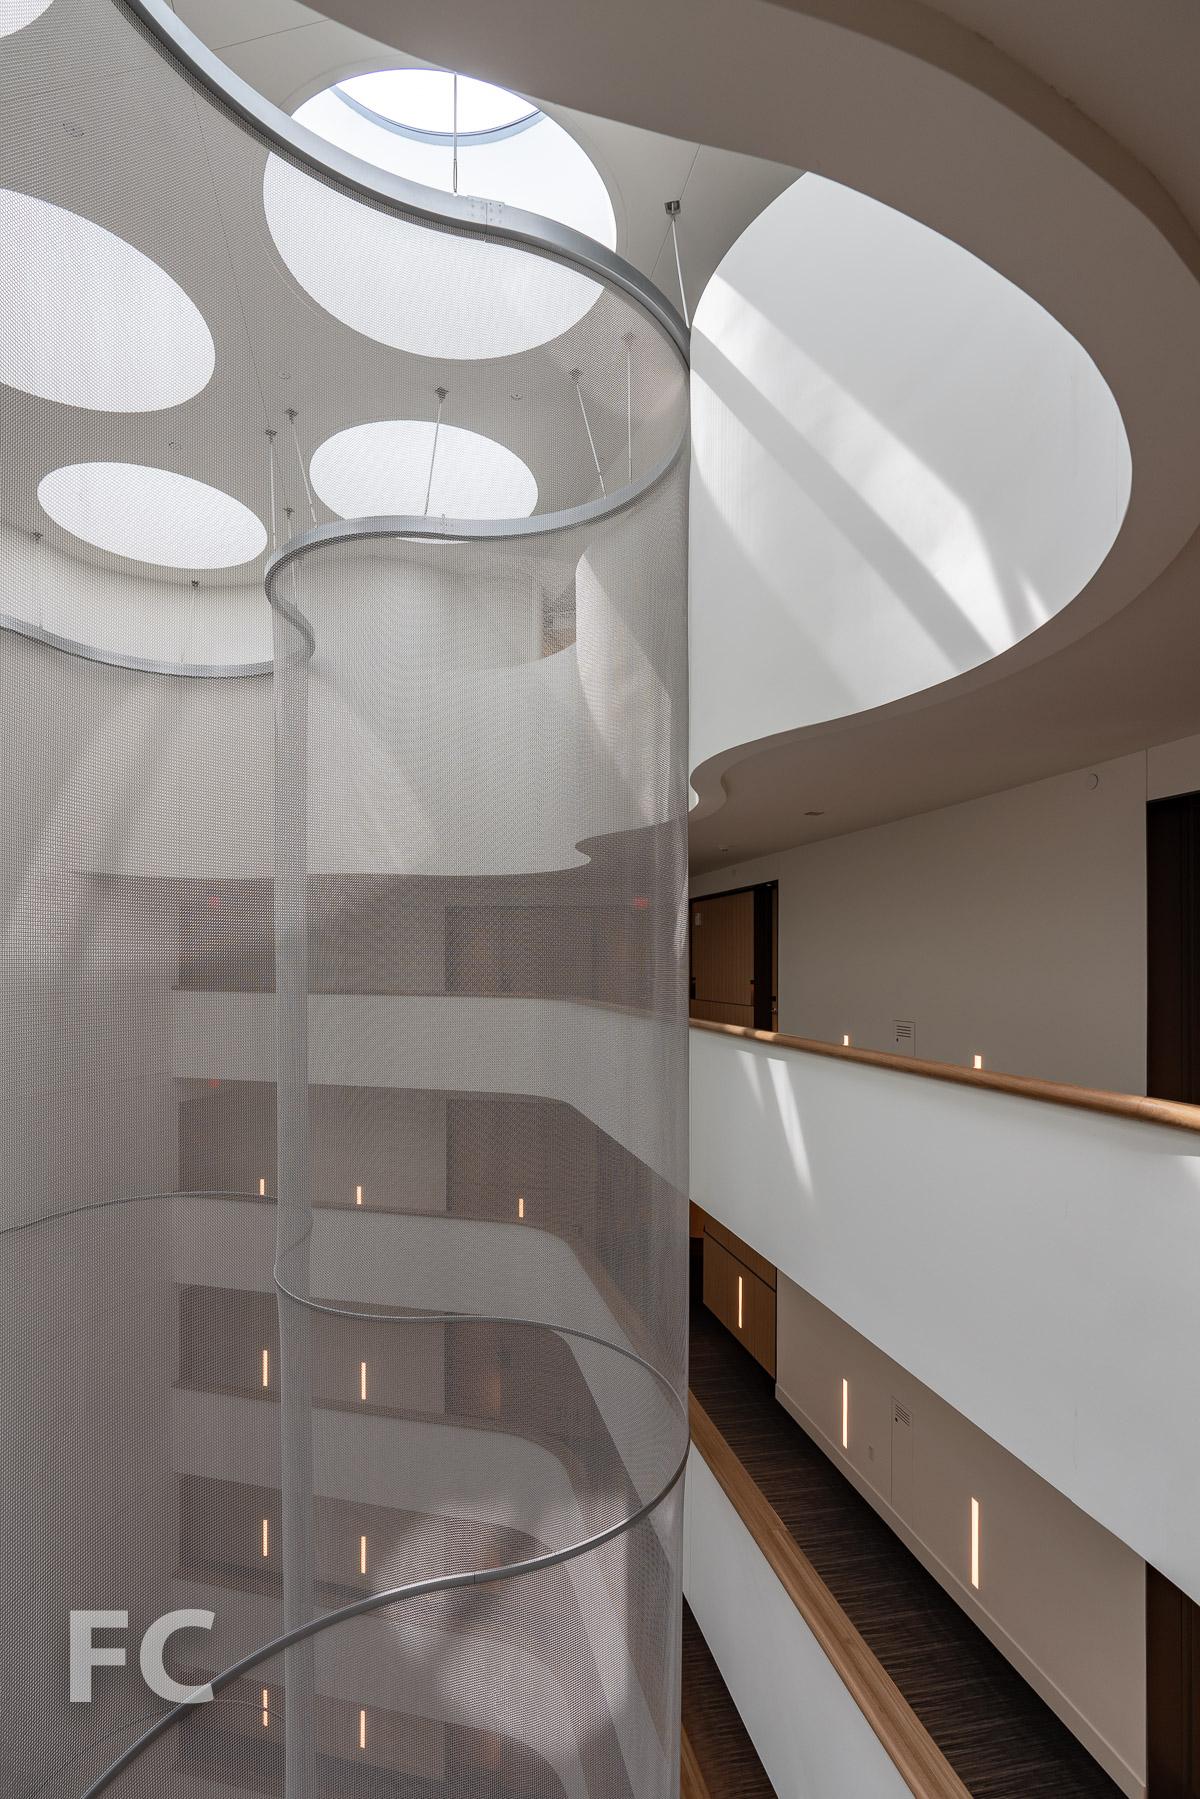 Atrium screen at the 10th floor.